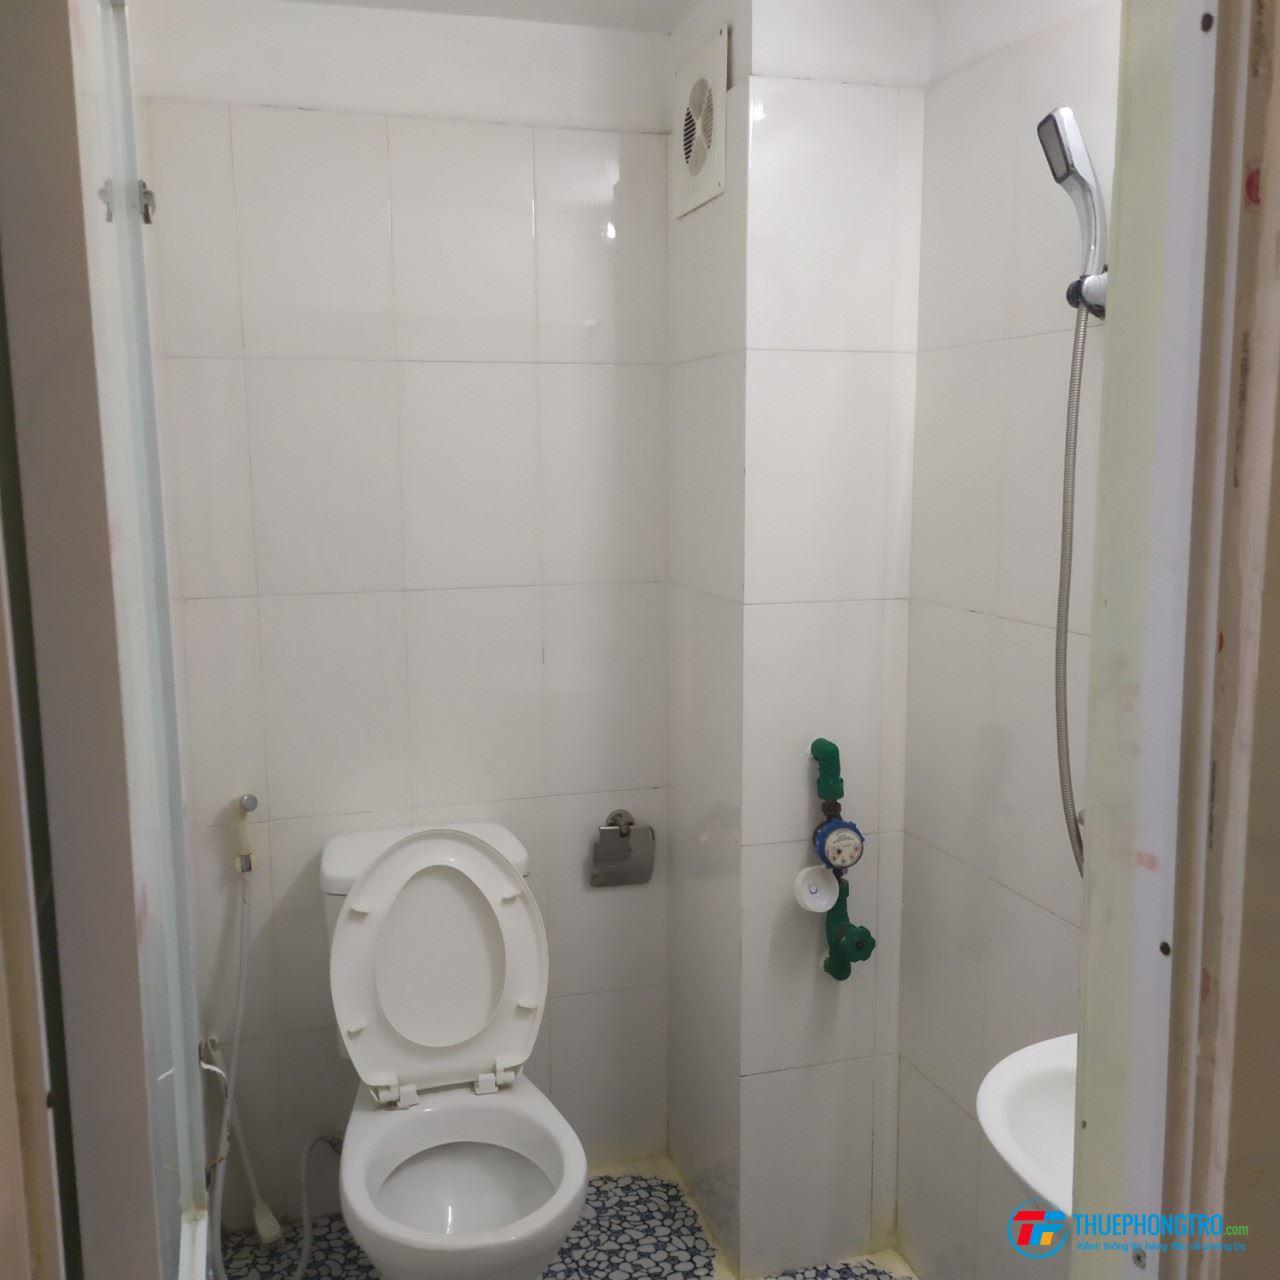 Phòng trọ mới quận Thanh Xuân có đầy đủ tiện nghi, giường, bộ bàn, chỗ nấu ăn, máy nóng lạnh